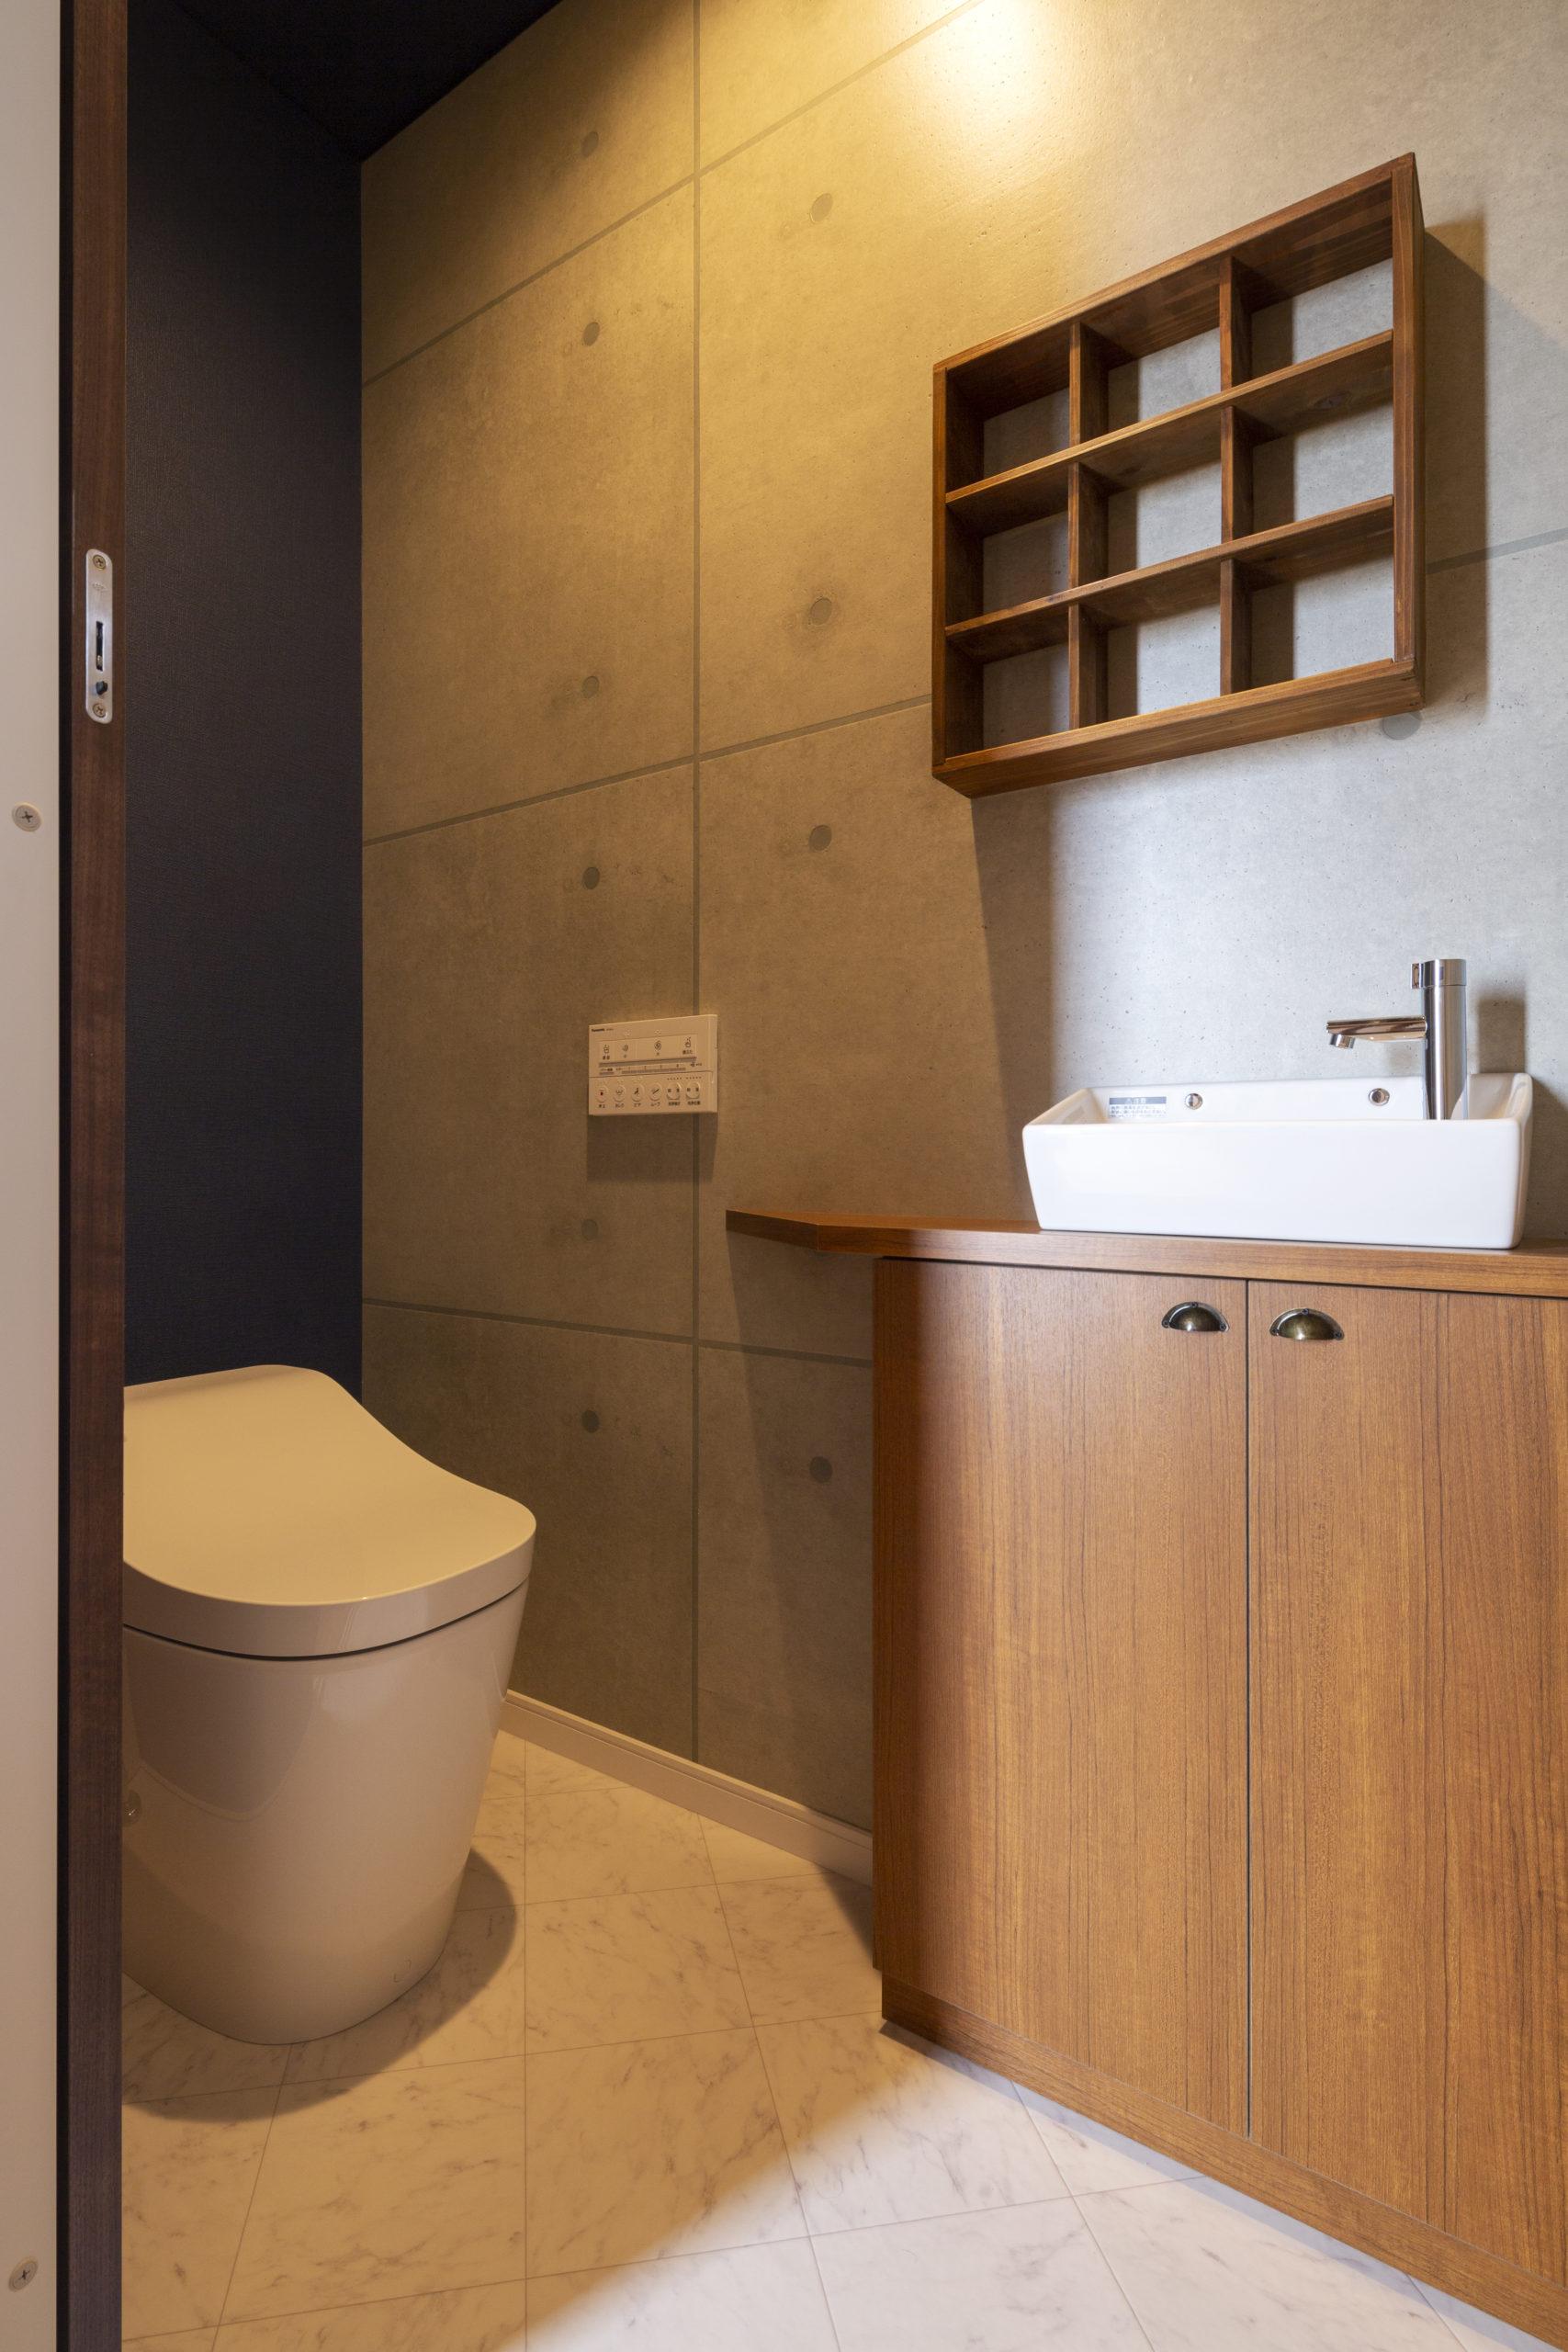 福山市の注文住宅|今井住建の施工事例ギャラリー「アクセントのクロスでスタイリッシュな空間に」